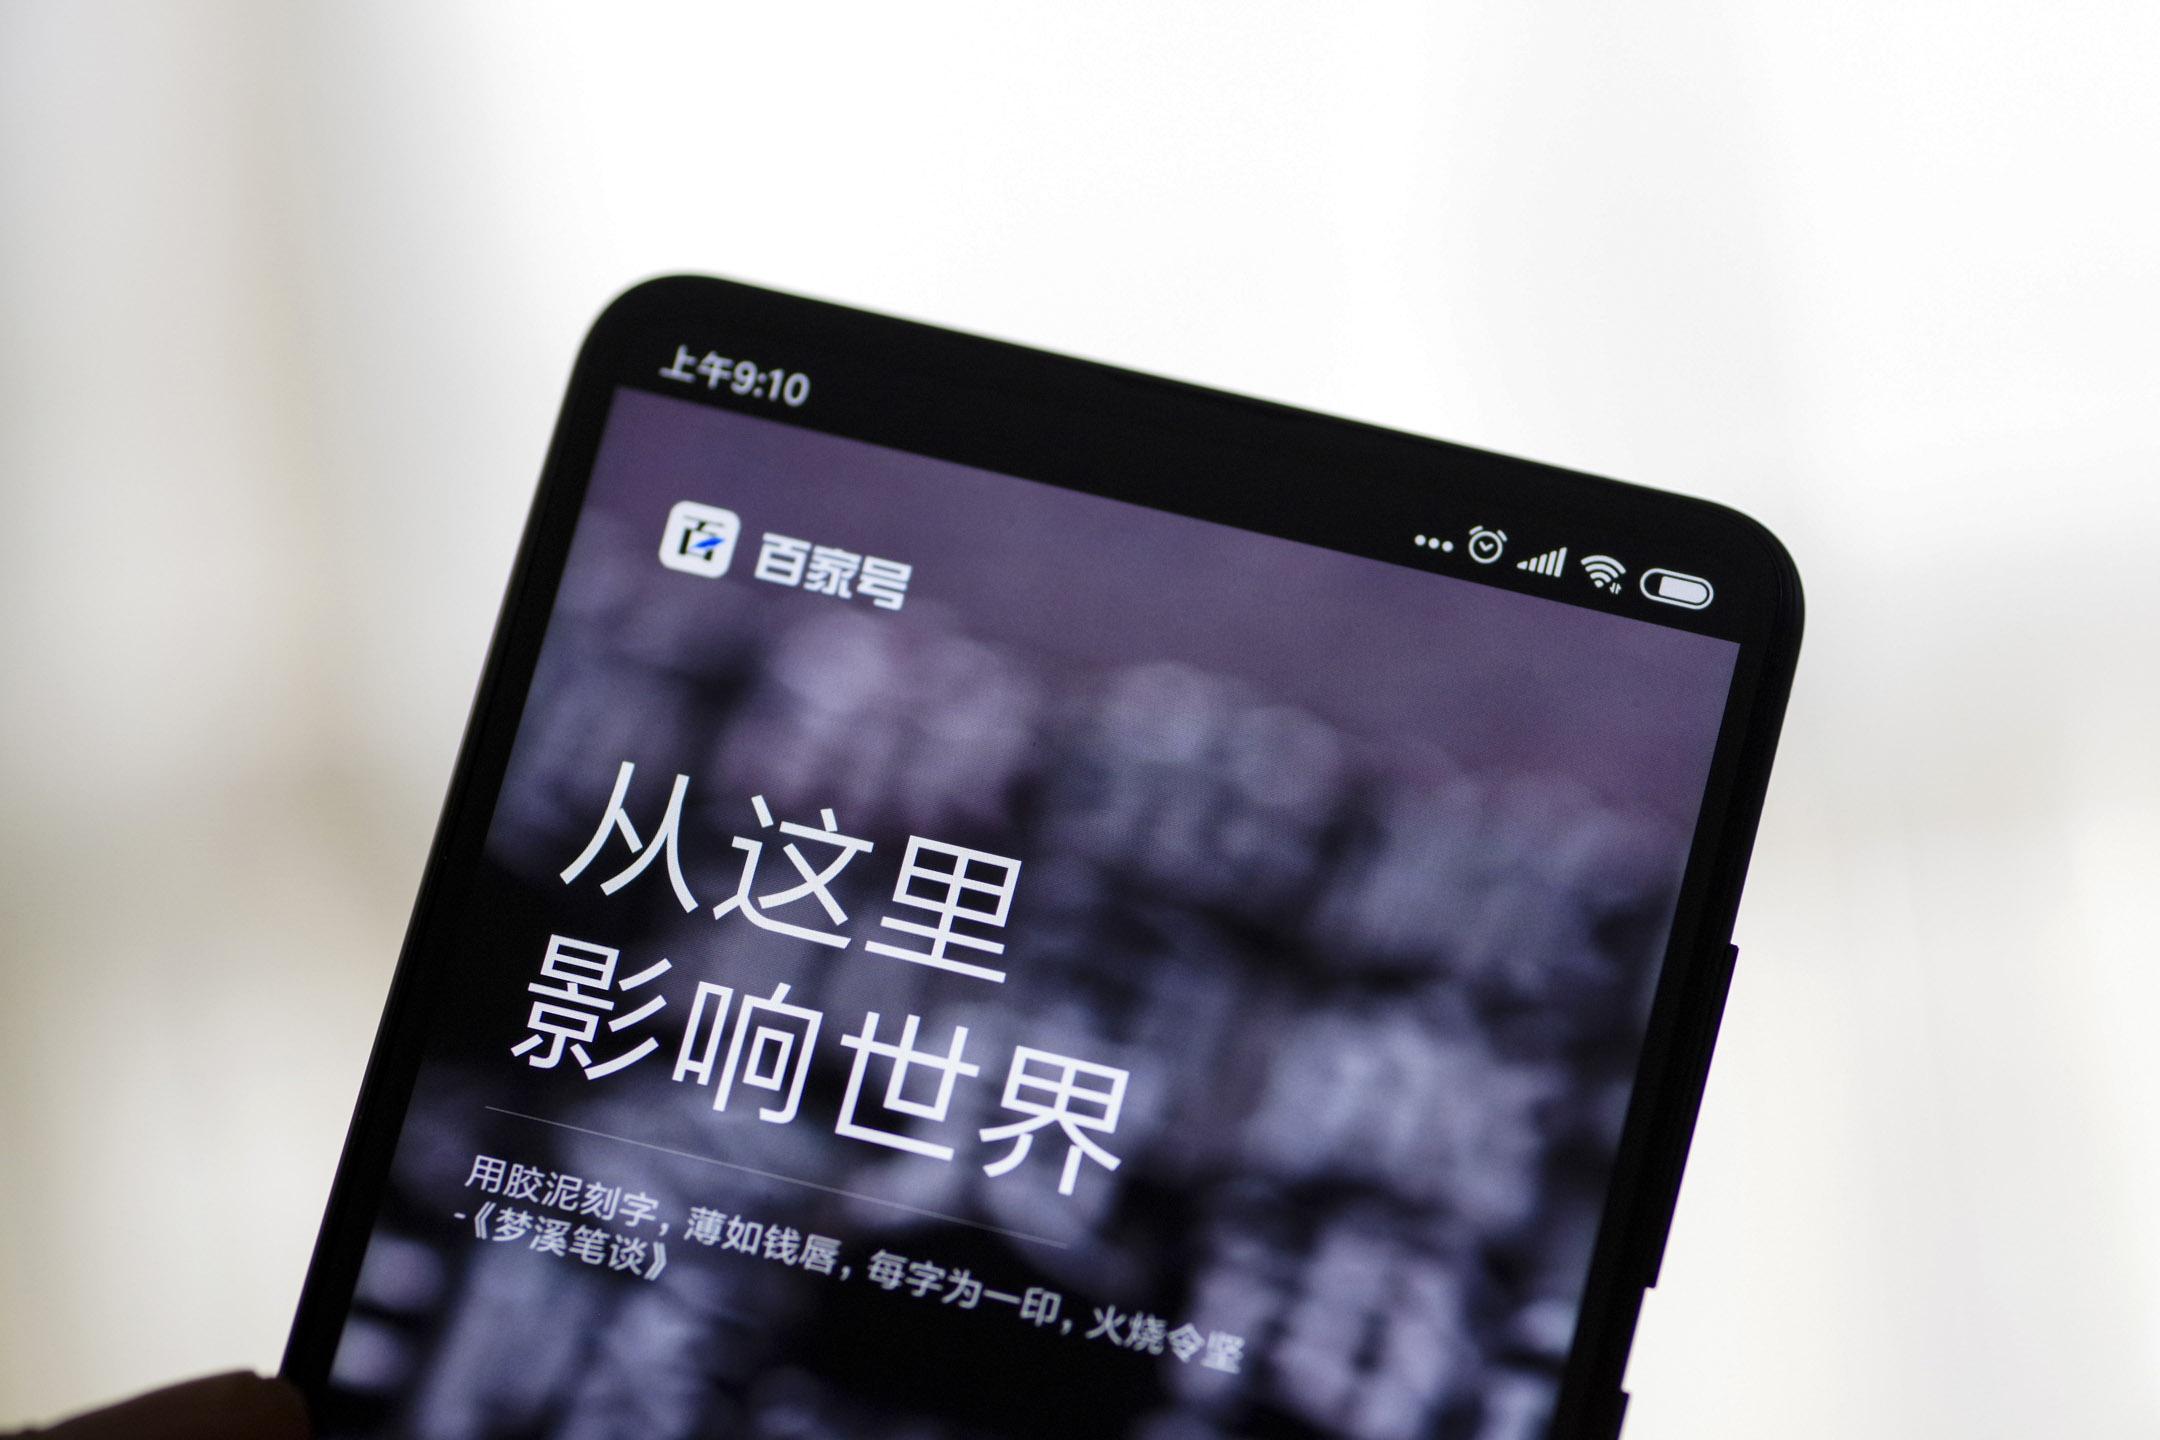 2019年1月22日,一篇名為《搜索引擎百度已死》的文章,指責百度搜索結果一半以上會指向百度自家產品,尤其是百家號,而百家號充斥着大量營銷和質量低劣的內容,也導致百度搜索結果的內容質量大幅下滑。 攝:Imagine China